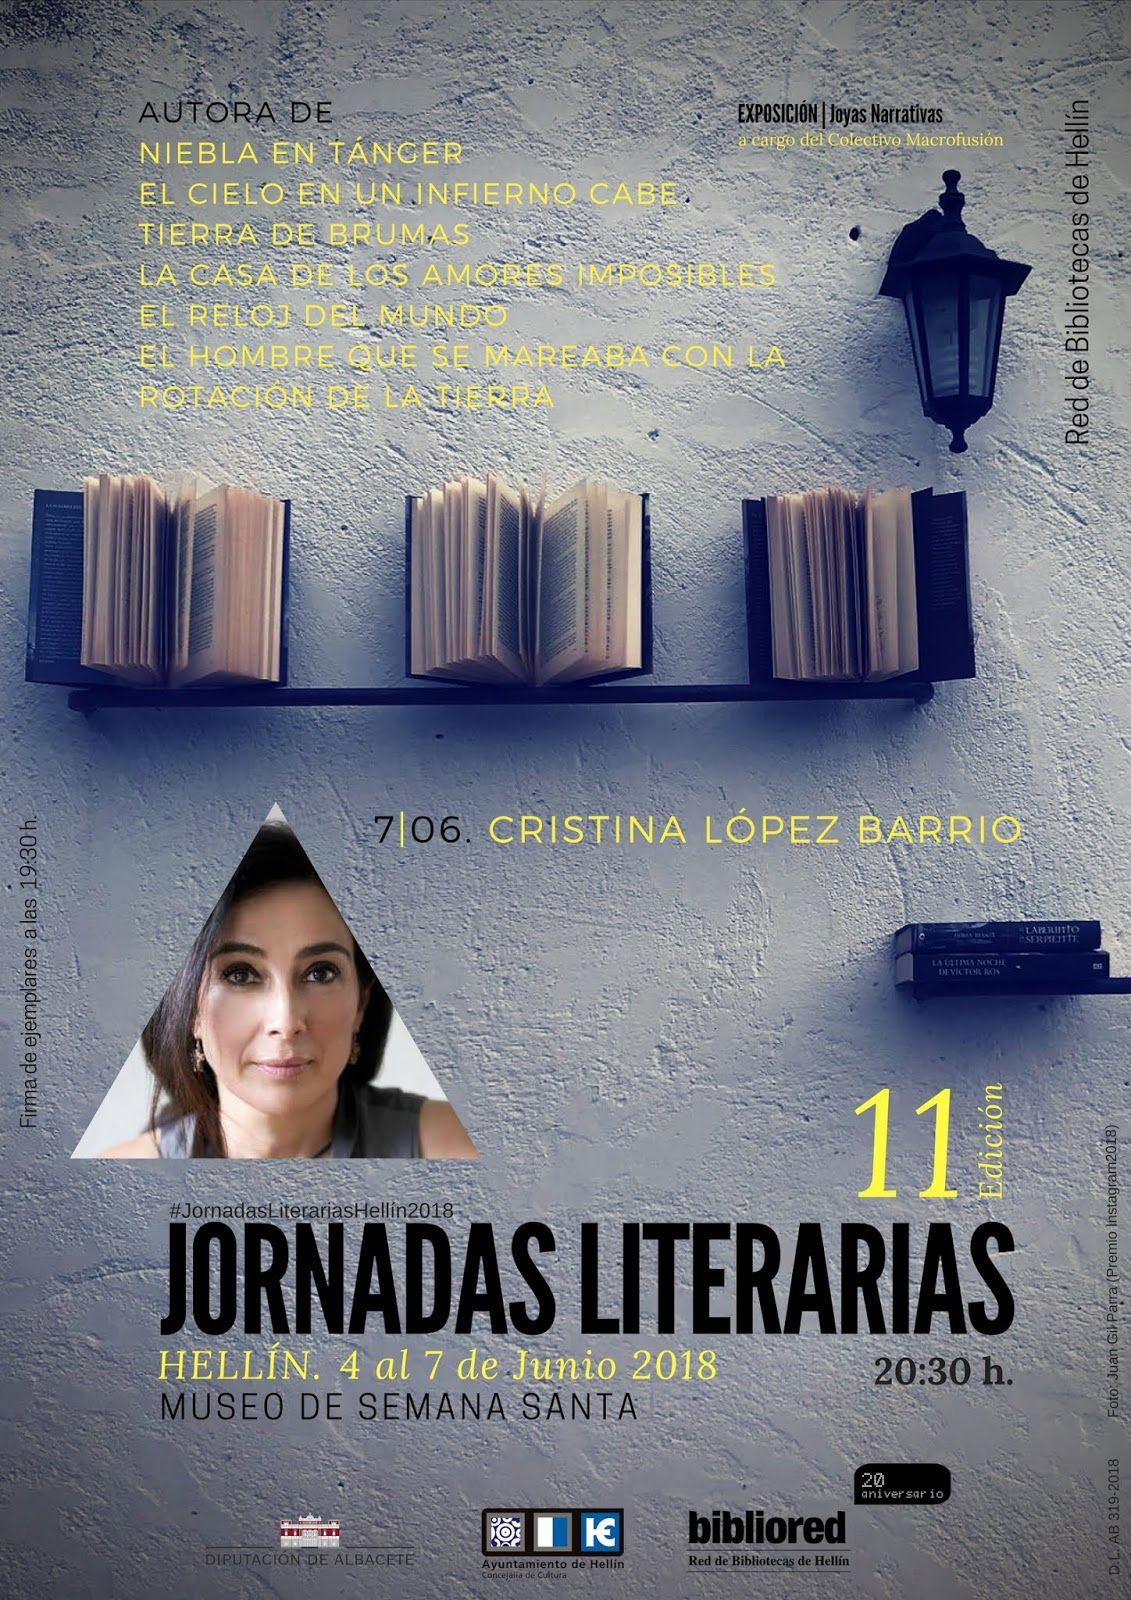 Jornadas Literarias 2018 Cartel Cristina López Barrio Reloj Del Mundo Bruma Jornada